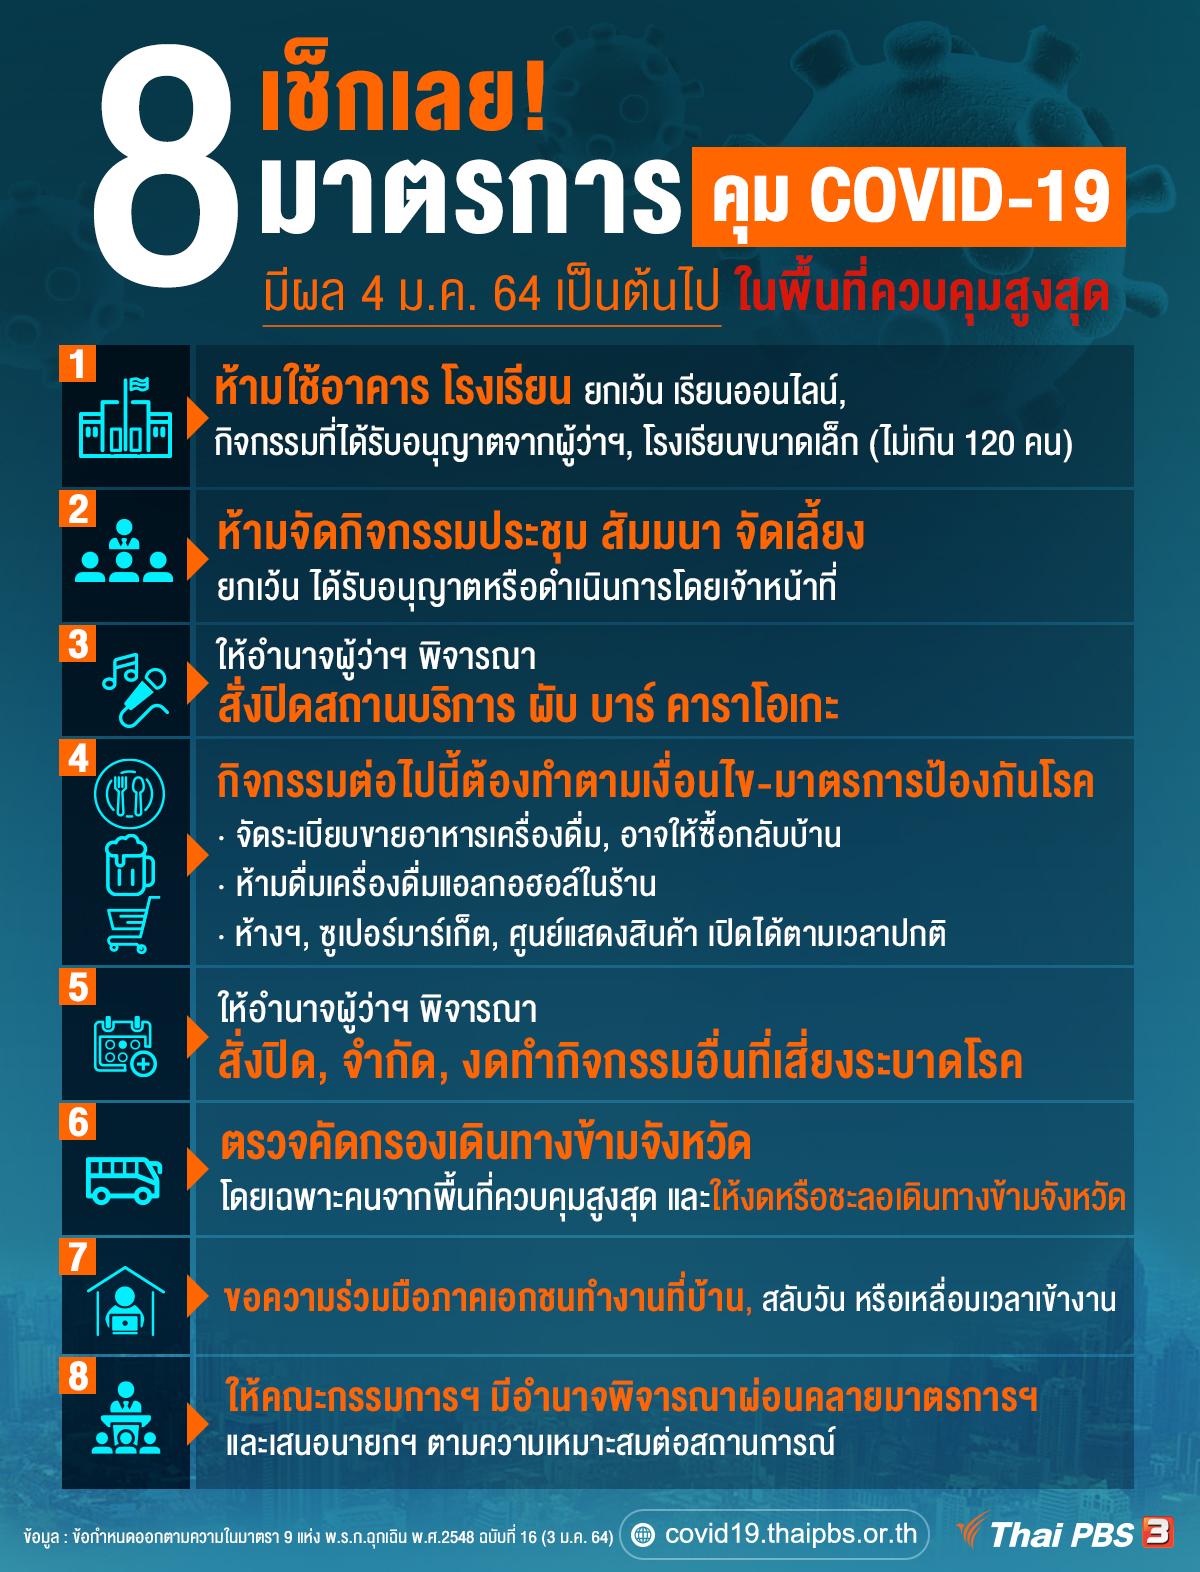 8 มาตรการ คุม COVID-19 โดยเฉพาะพื้นที่ควบคุมสูงสุด